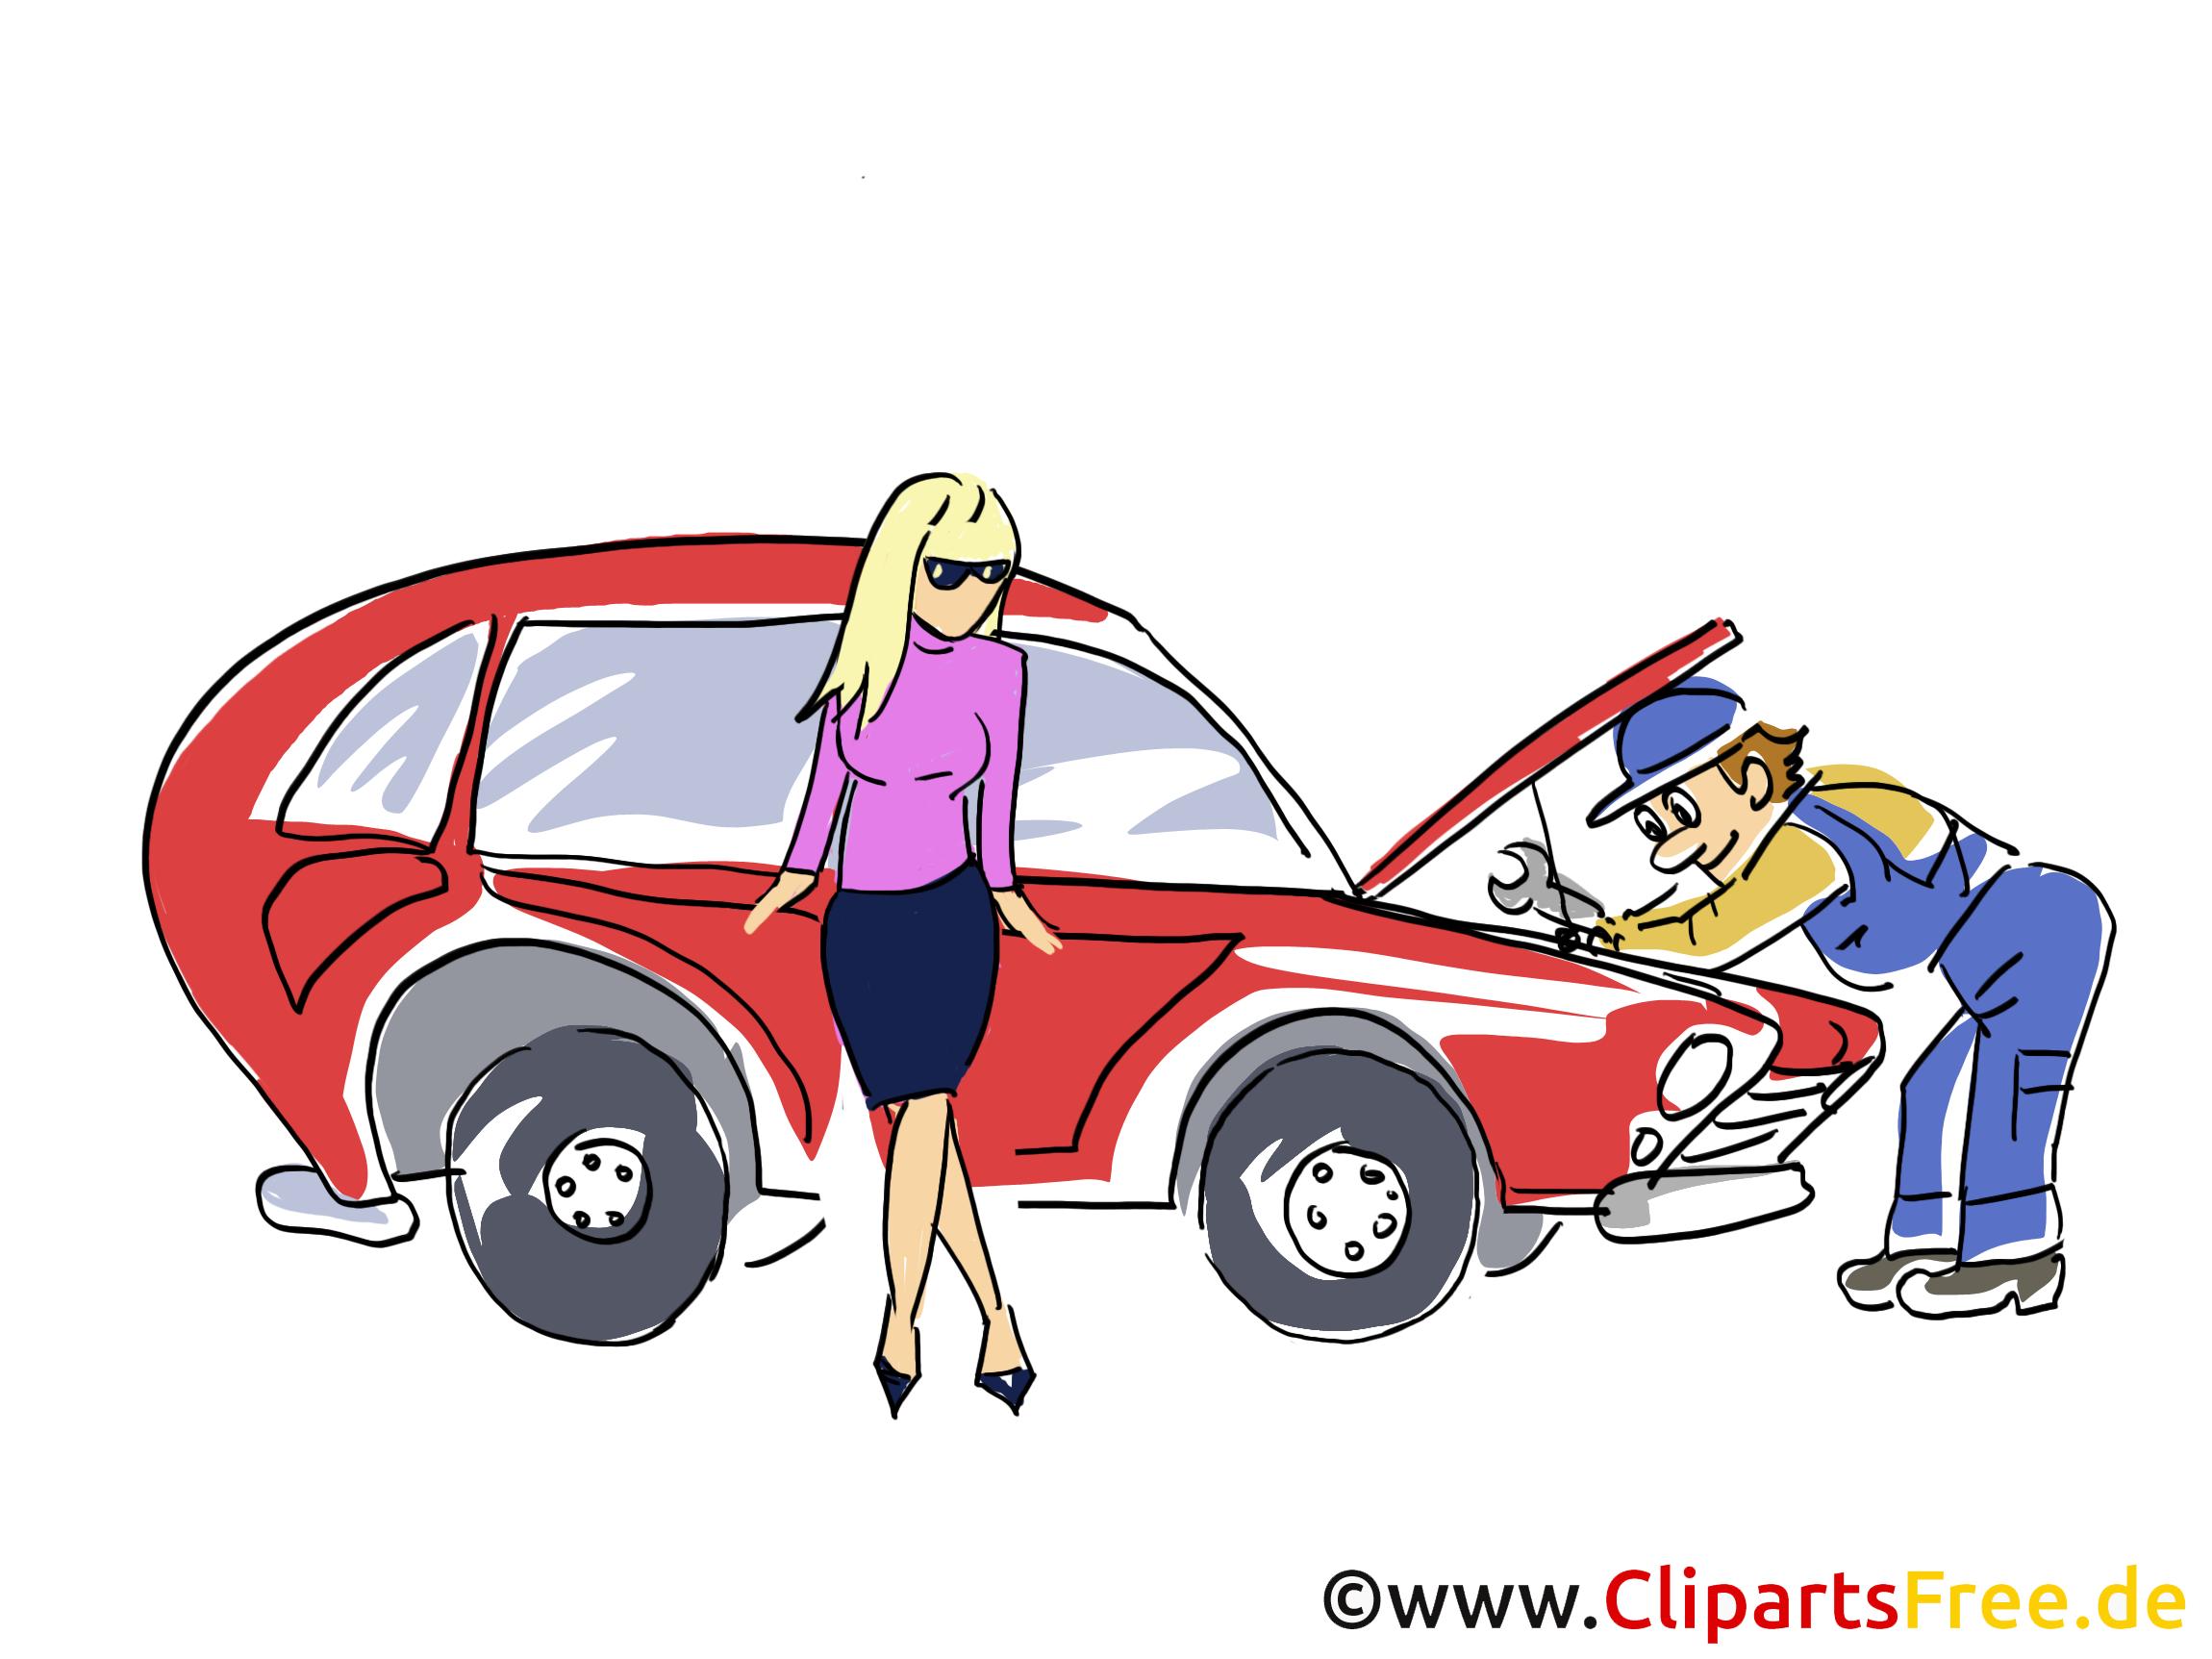 Autoreparatur, Kfz-Reparatur Clipart, Bild, Grafik ...